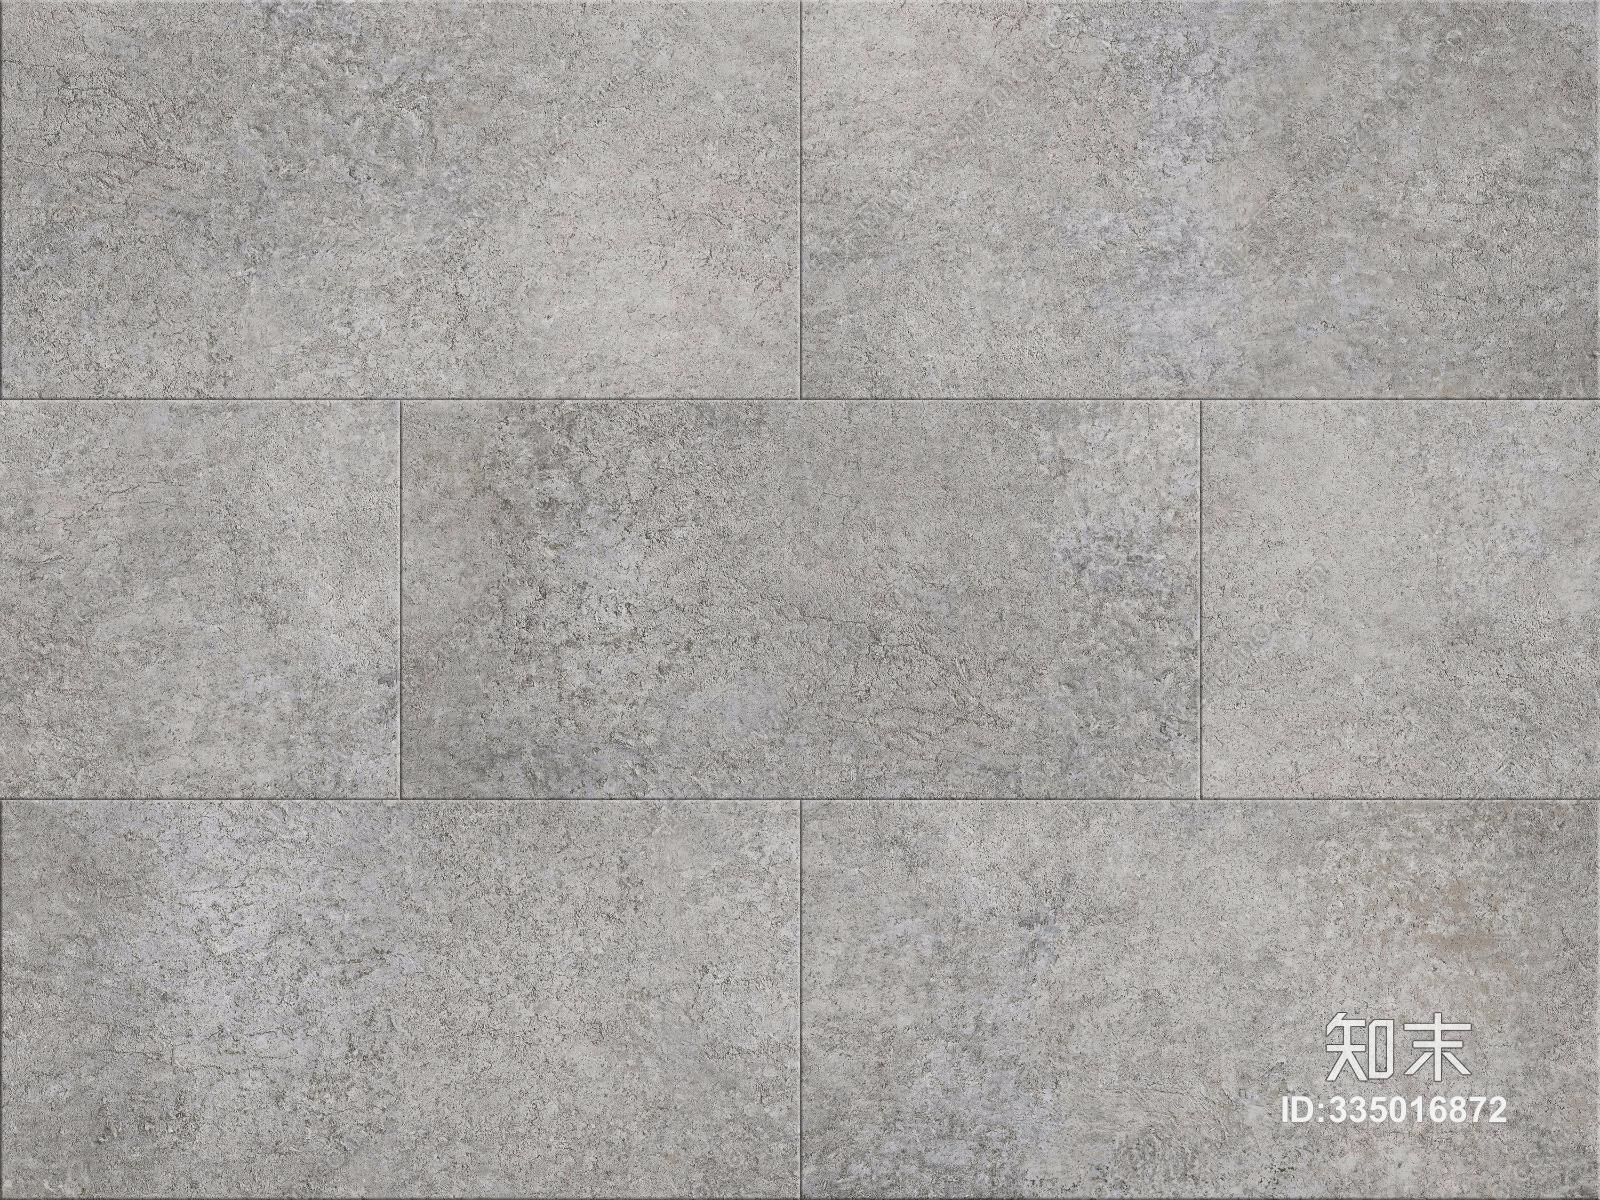 室外石材地砖贴图下载【ID:335016872】